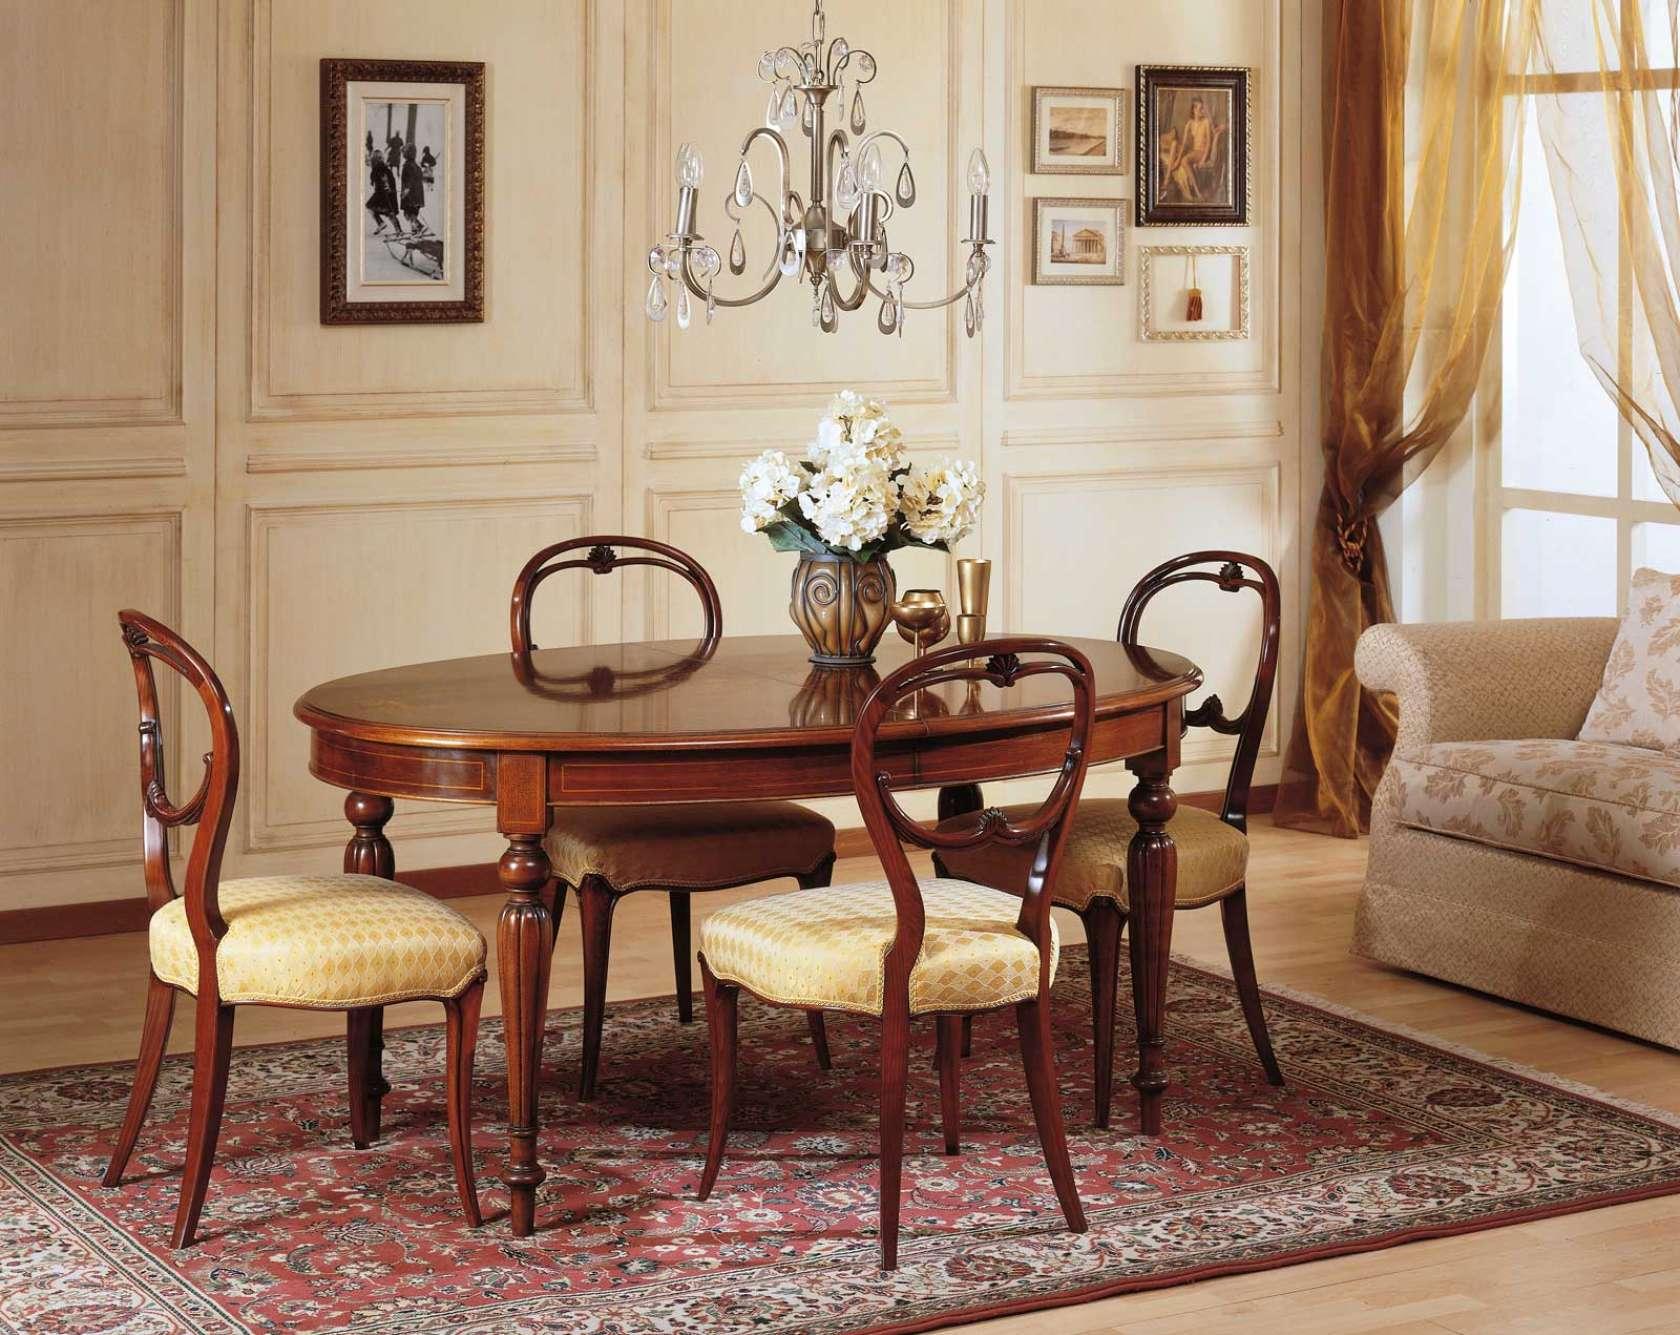 Tavolo Da Pranzo In Francese : Tavolo da pranzo francese vimercati meda